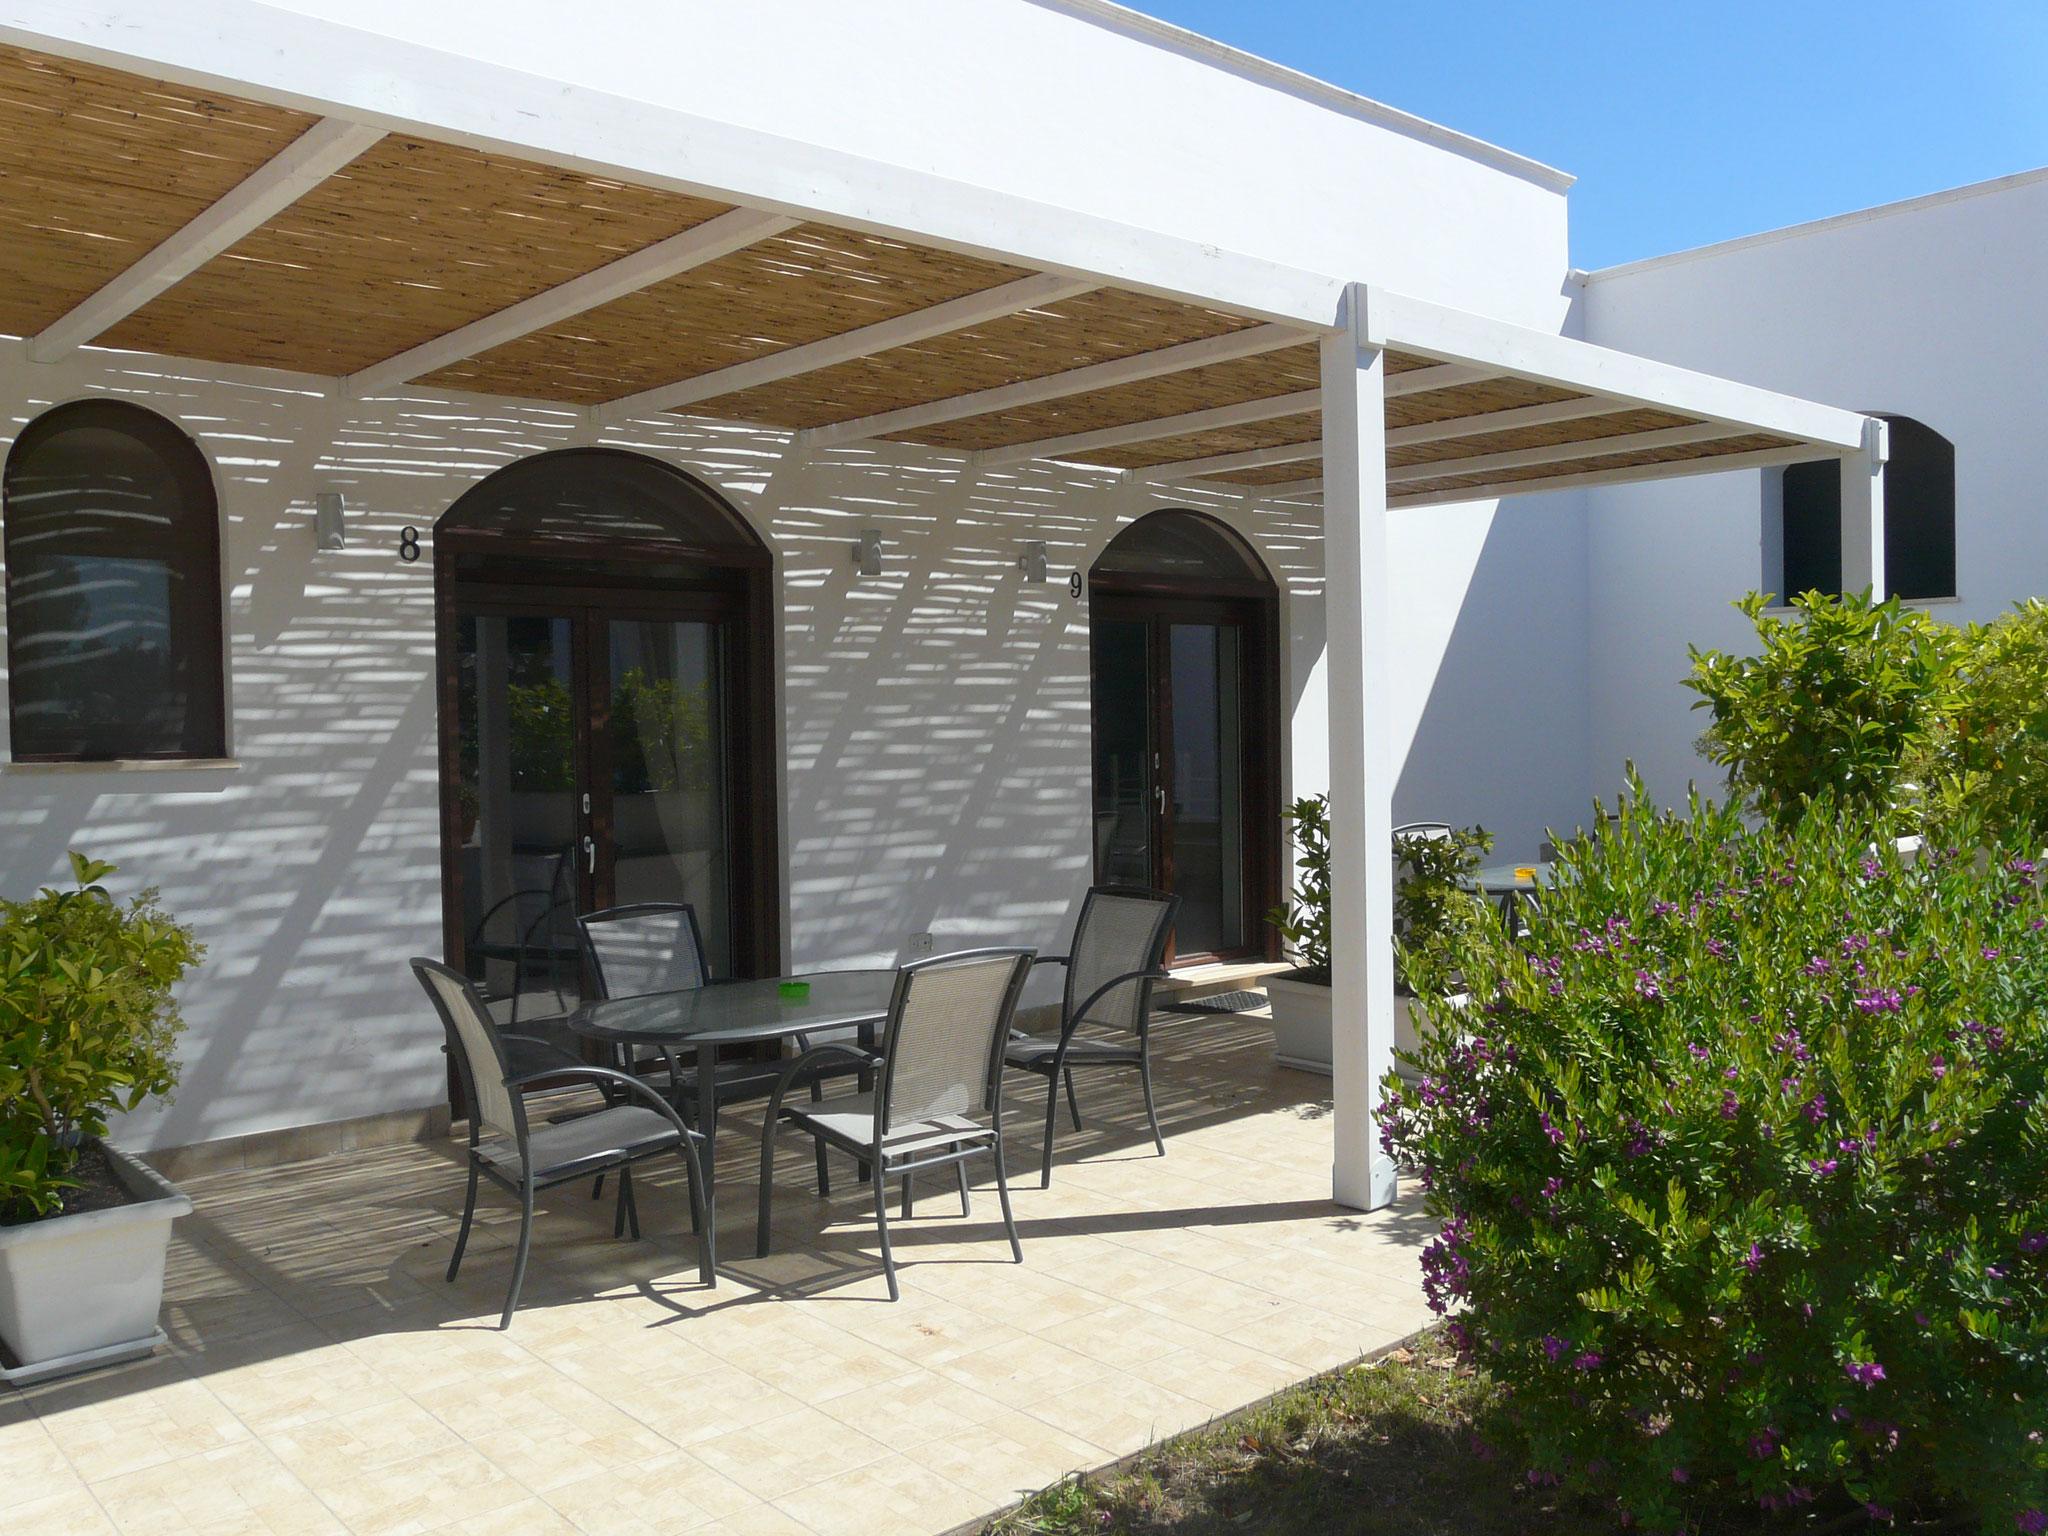 Lecce 8 - Terrasse avec pergola